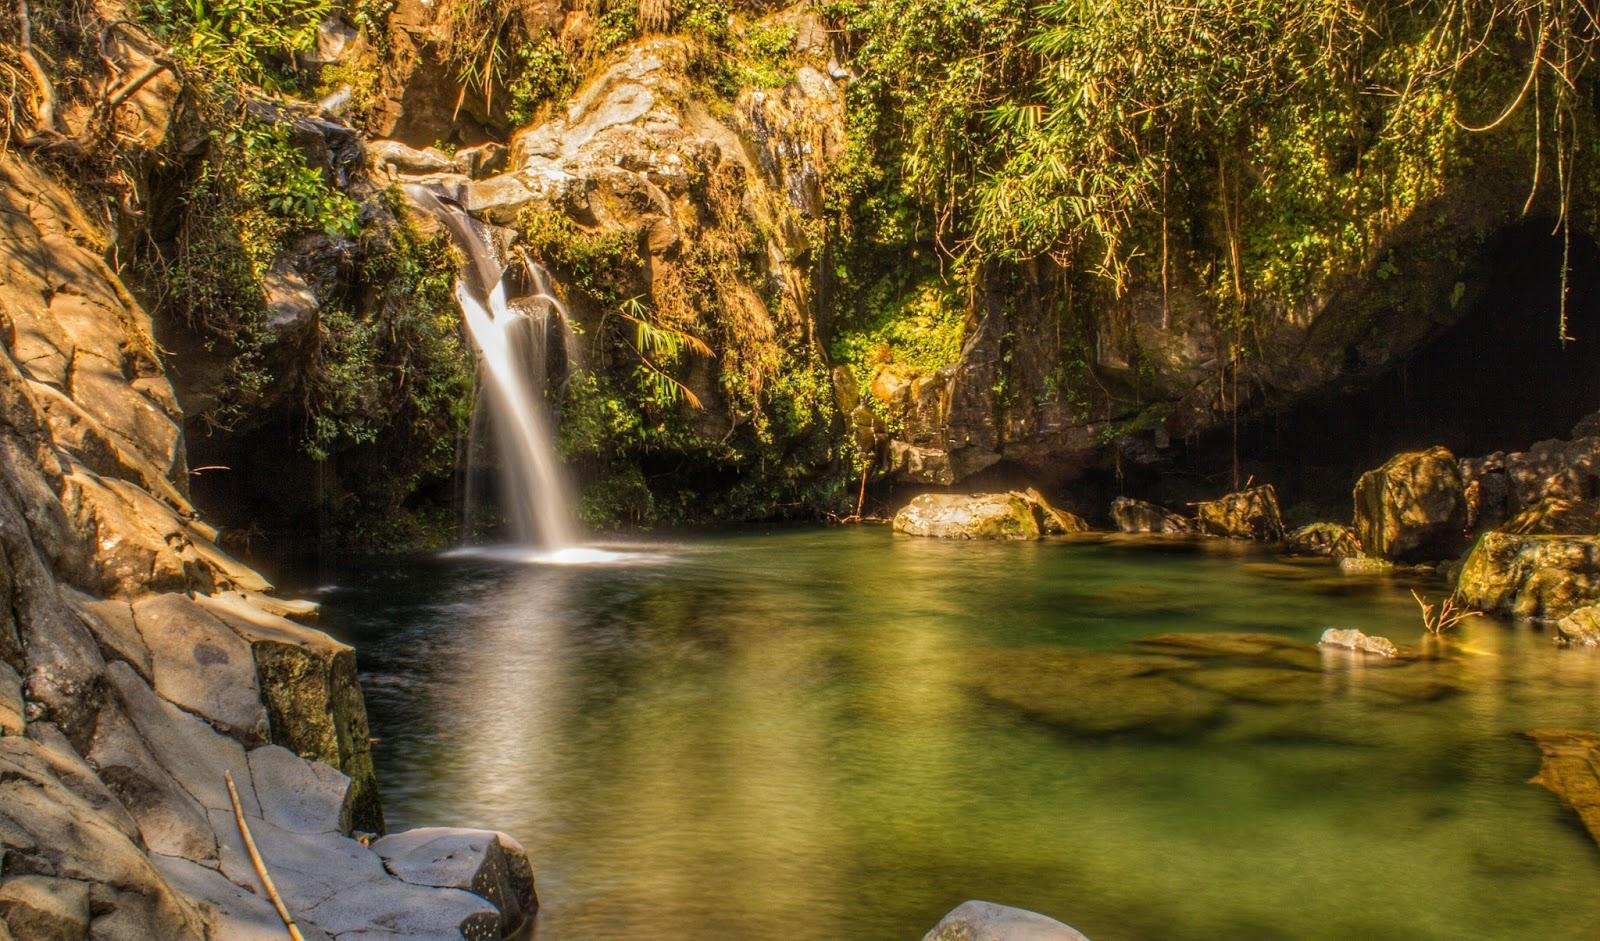 Jernihnya Air di Telaga Sunyi (© Eddy Fetus)